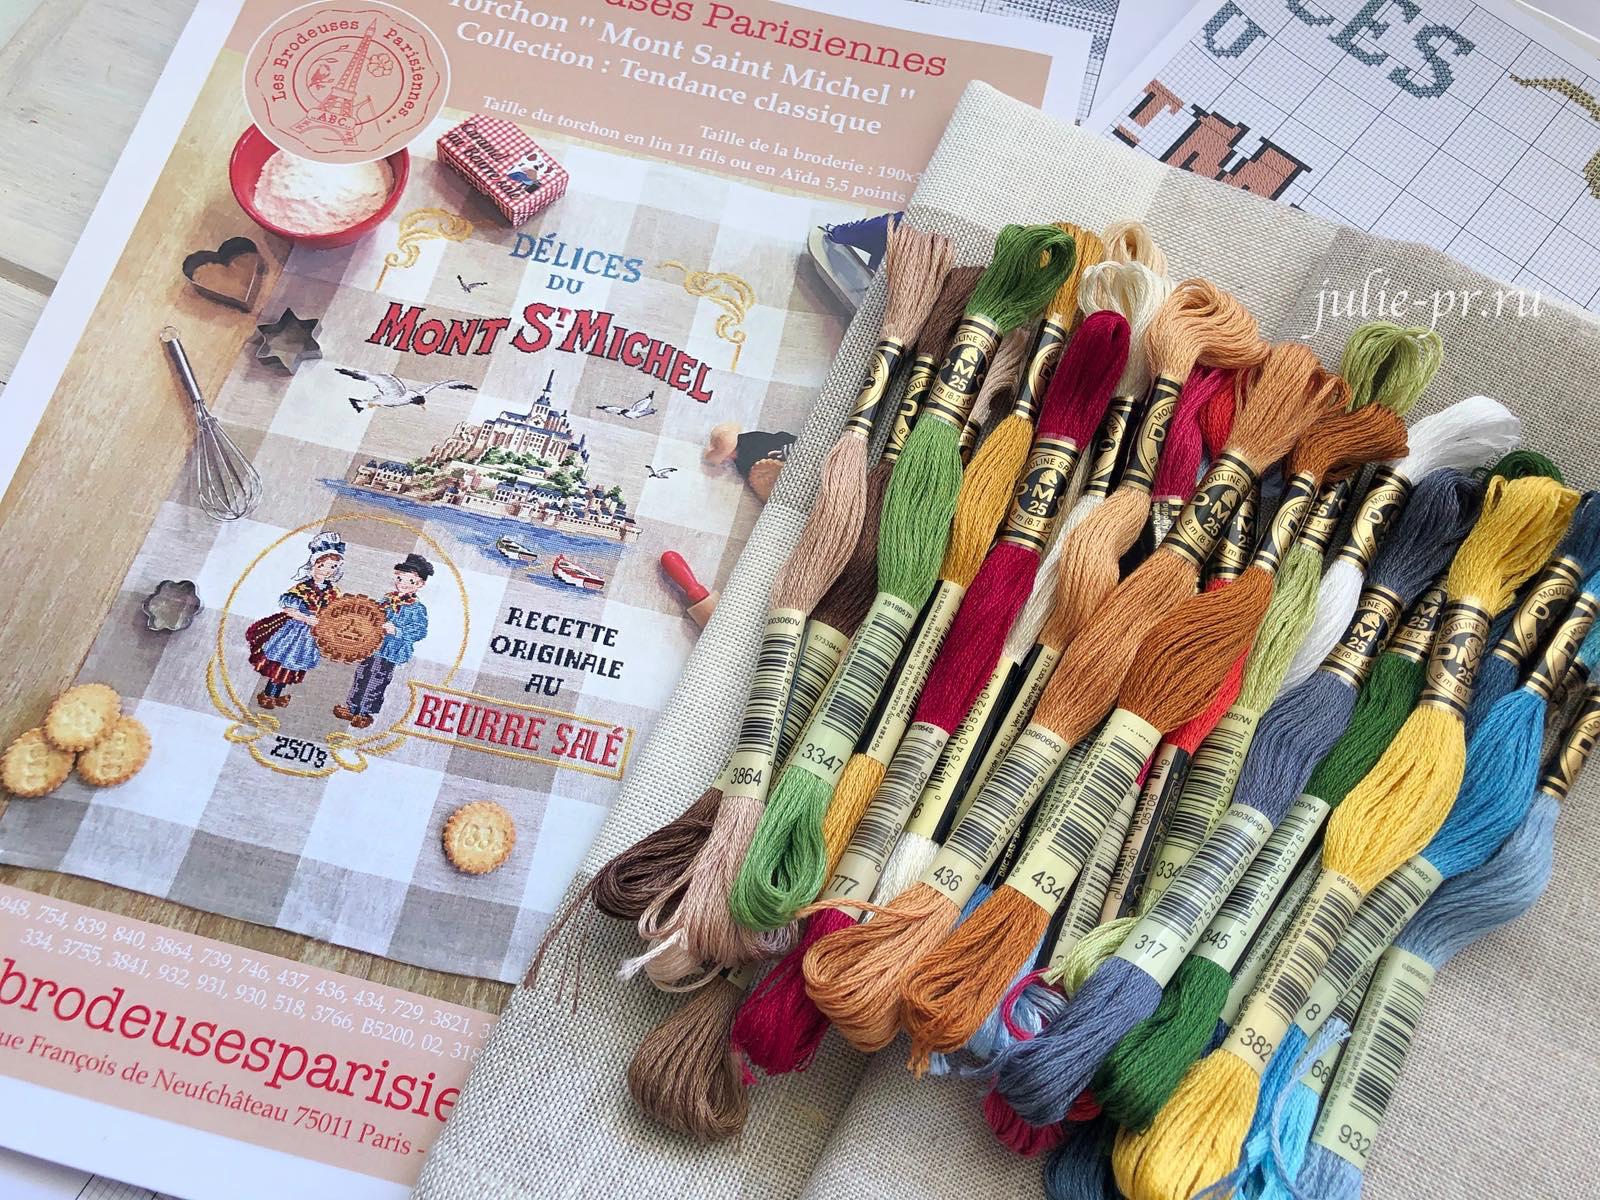 Парижские вышивальщицы, Mont Saint-Michel, Мон-Сен-Мишель, Veronique Enginger, Les brodeuses parisiennes, кухонное полотенце, вышивка крестом, мулине DMC